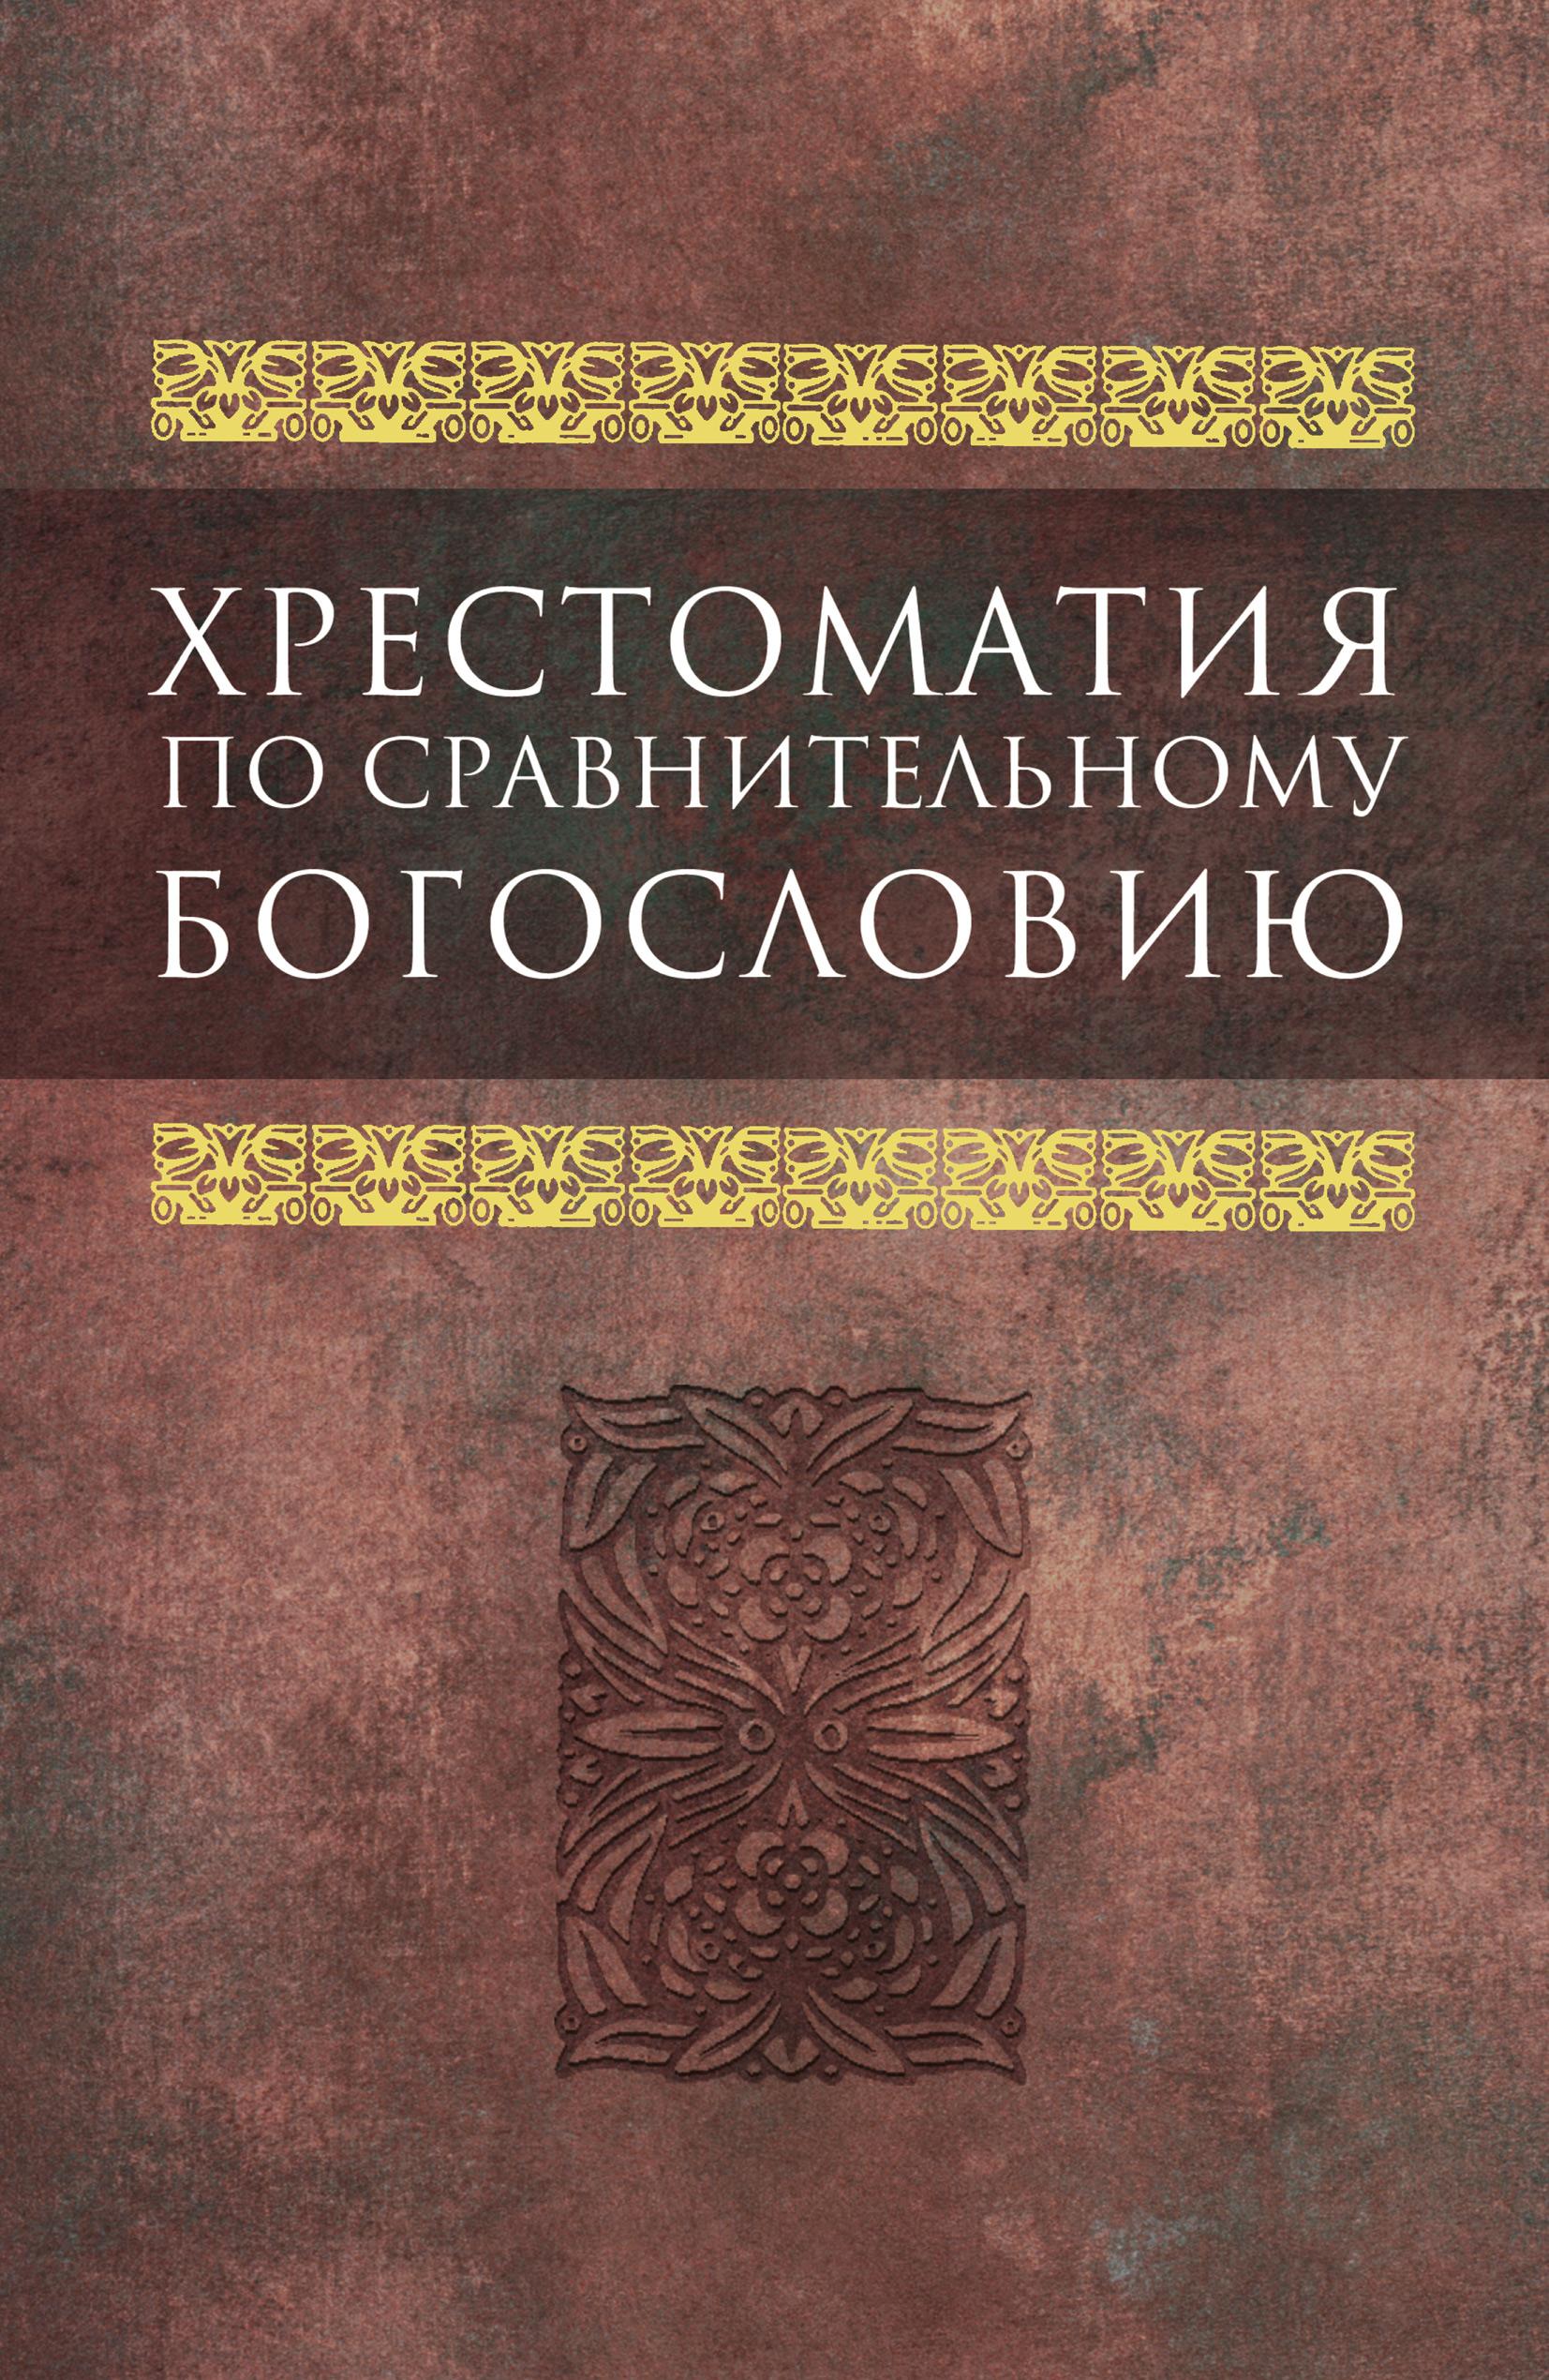 Коллектив авторов Хрестоматия по сравнительному богословию епископ вениамин милов чтения по литургическому богословию